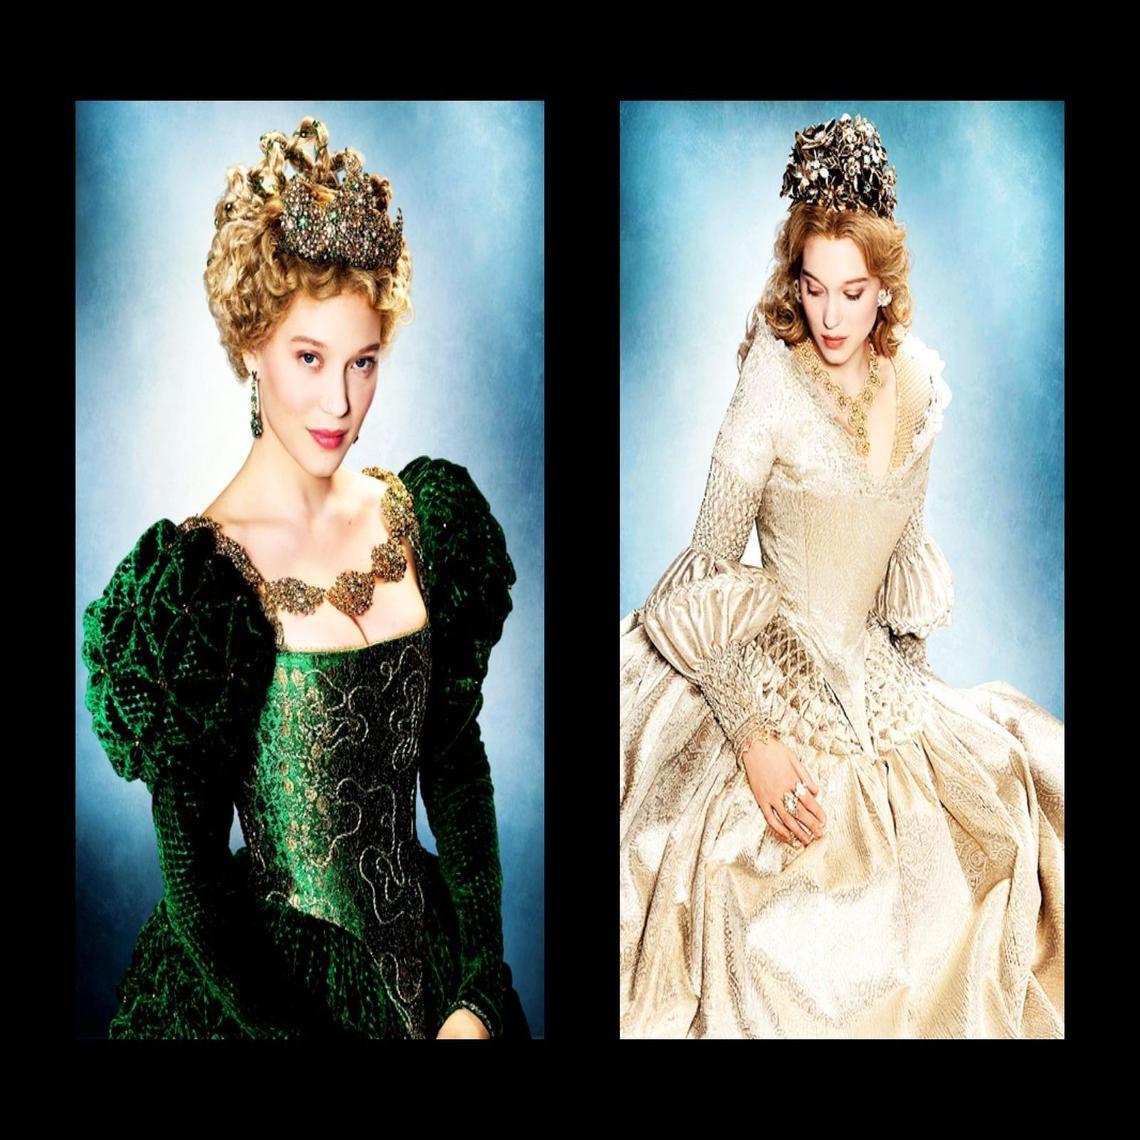 Lea Seydoux as Belle